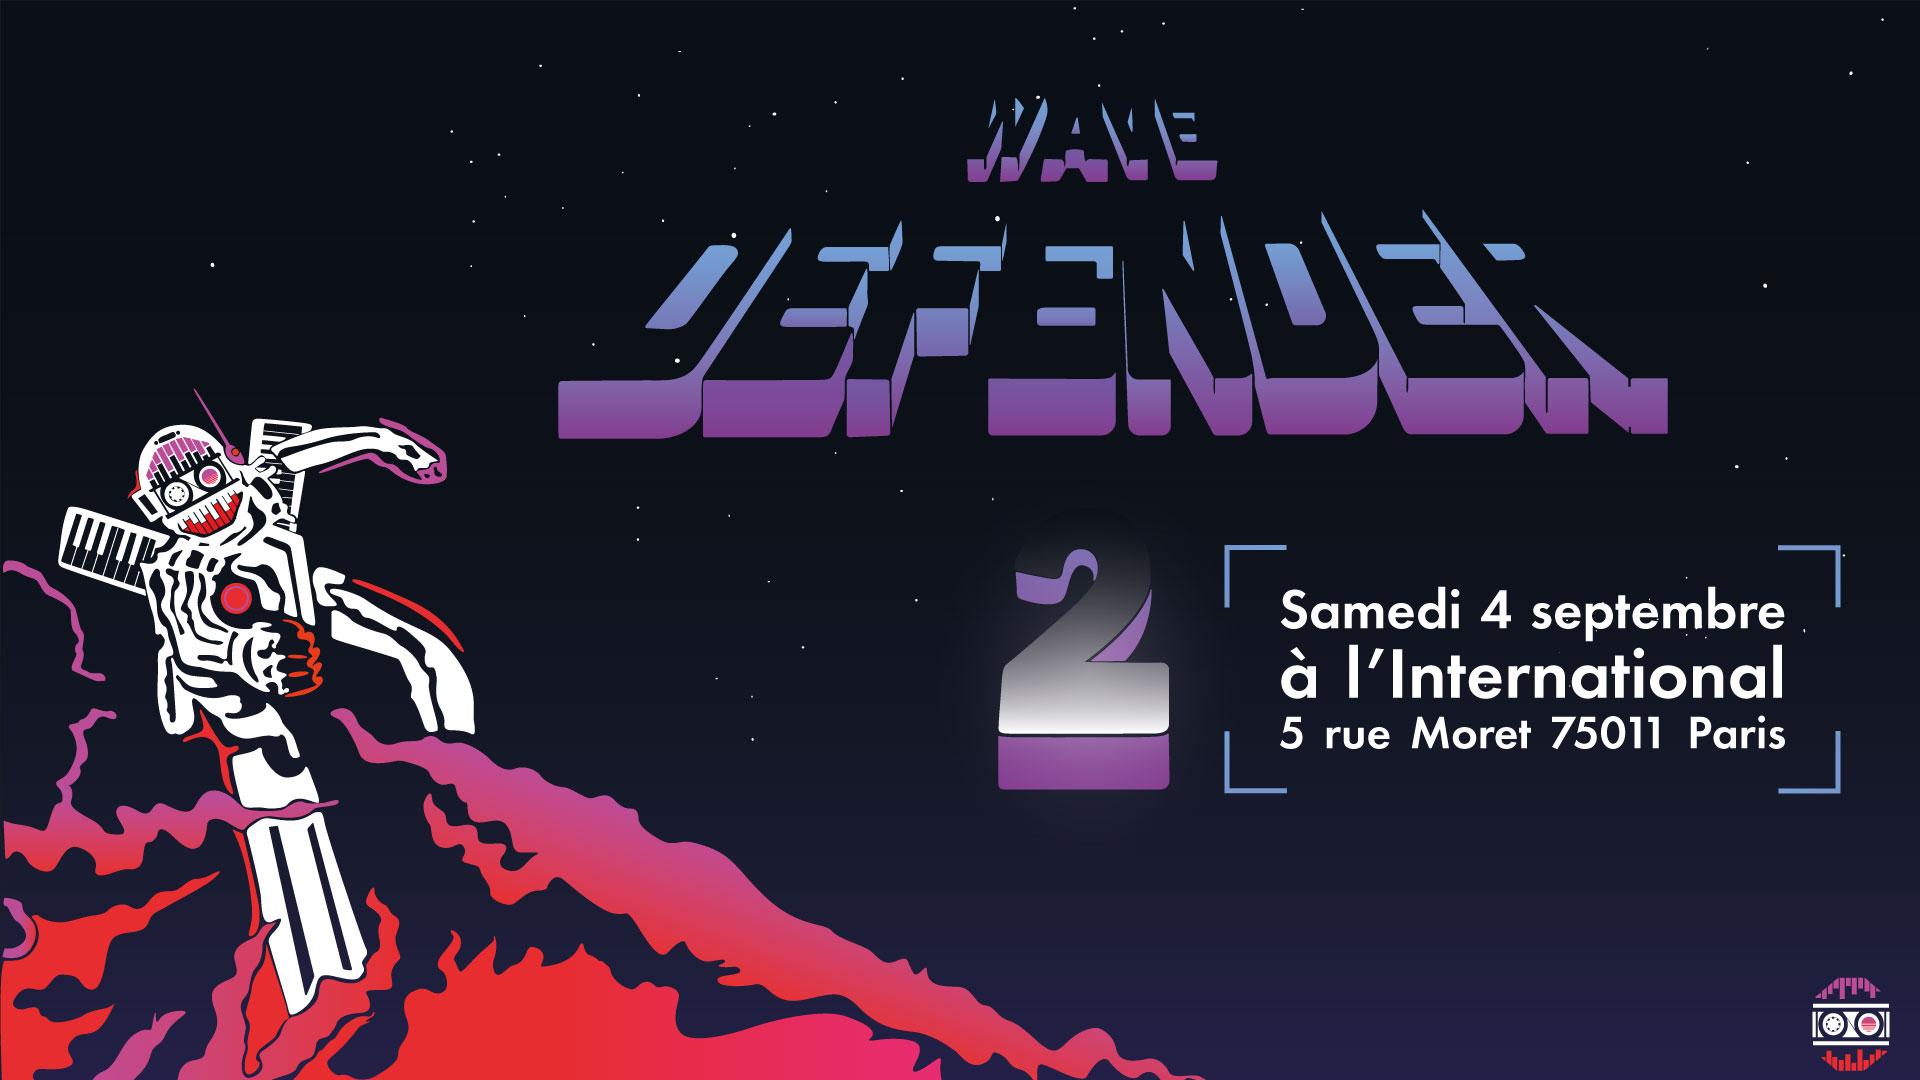 WAVE Defender 2